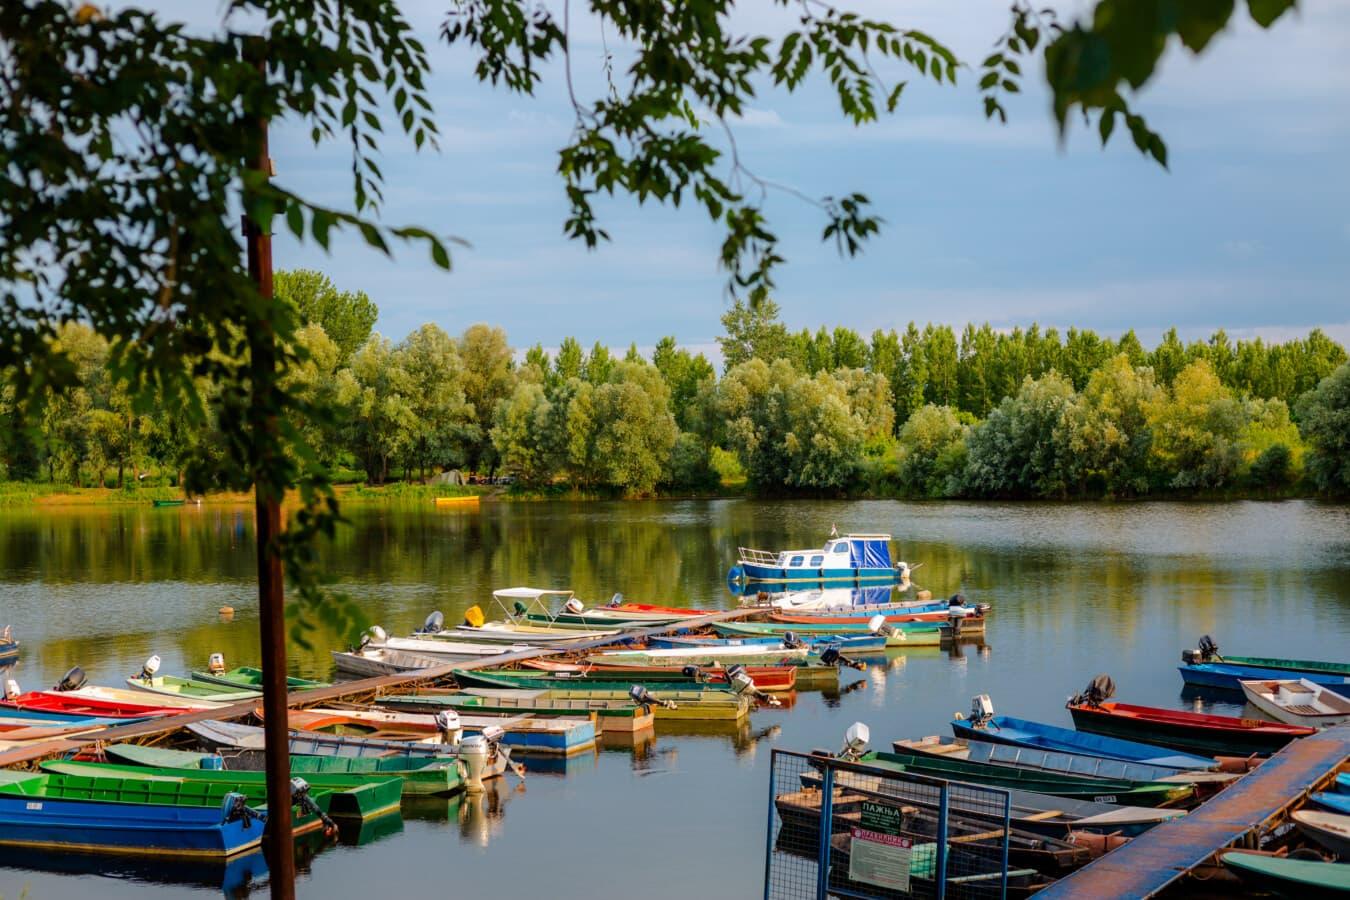 лодки, канал, док, летен сезон, курортната зона, лодка, навес за лодки, вода, яхт клуб, езеро